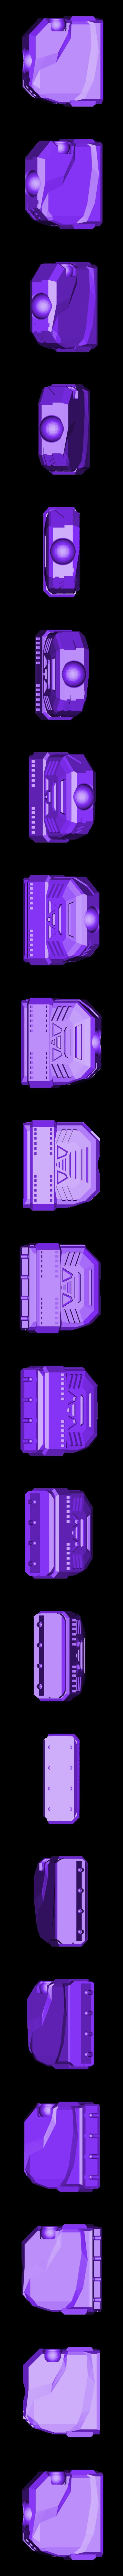 v2_hand_detail_v6_LEFT.stl Télécharger fichier STL gratuit TRANSFORMERS CW POSABLE HANDS 2.0 • Design pour impression 3D, sickofyou